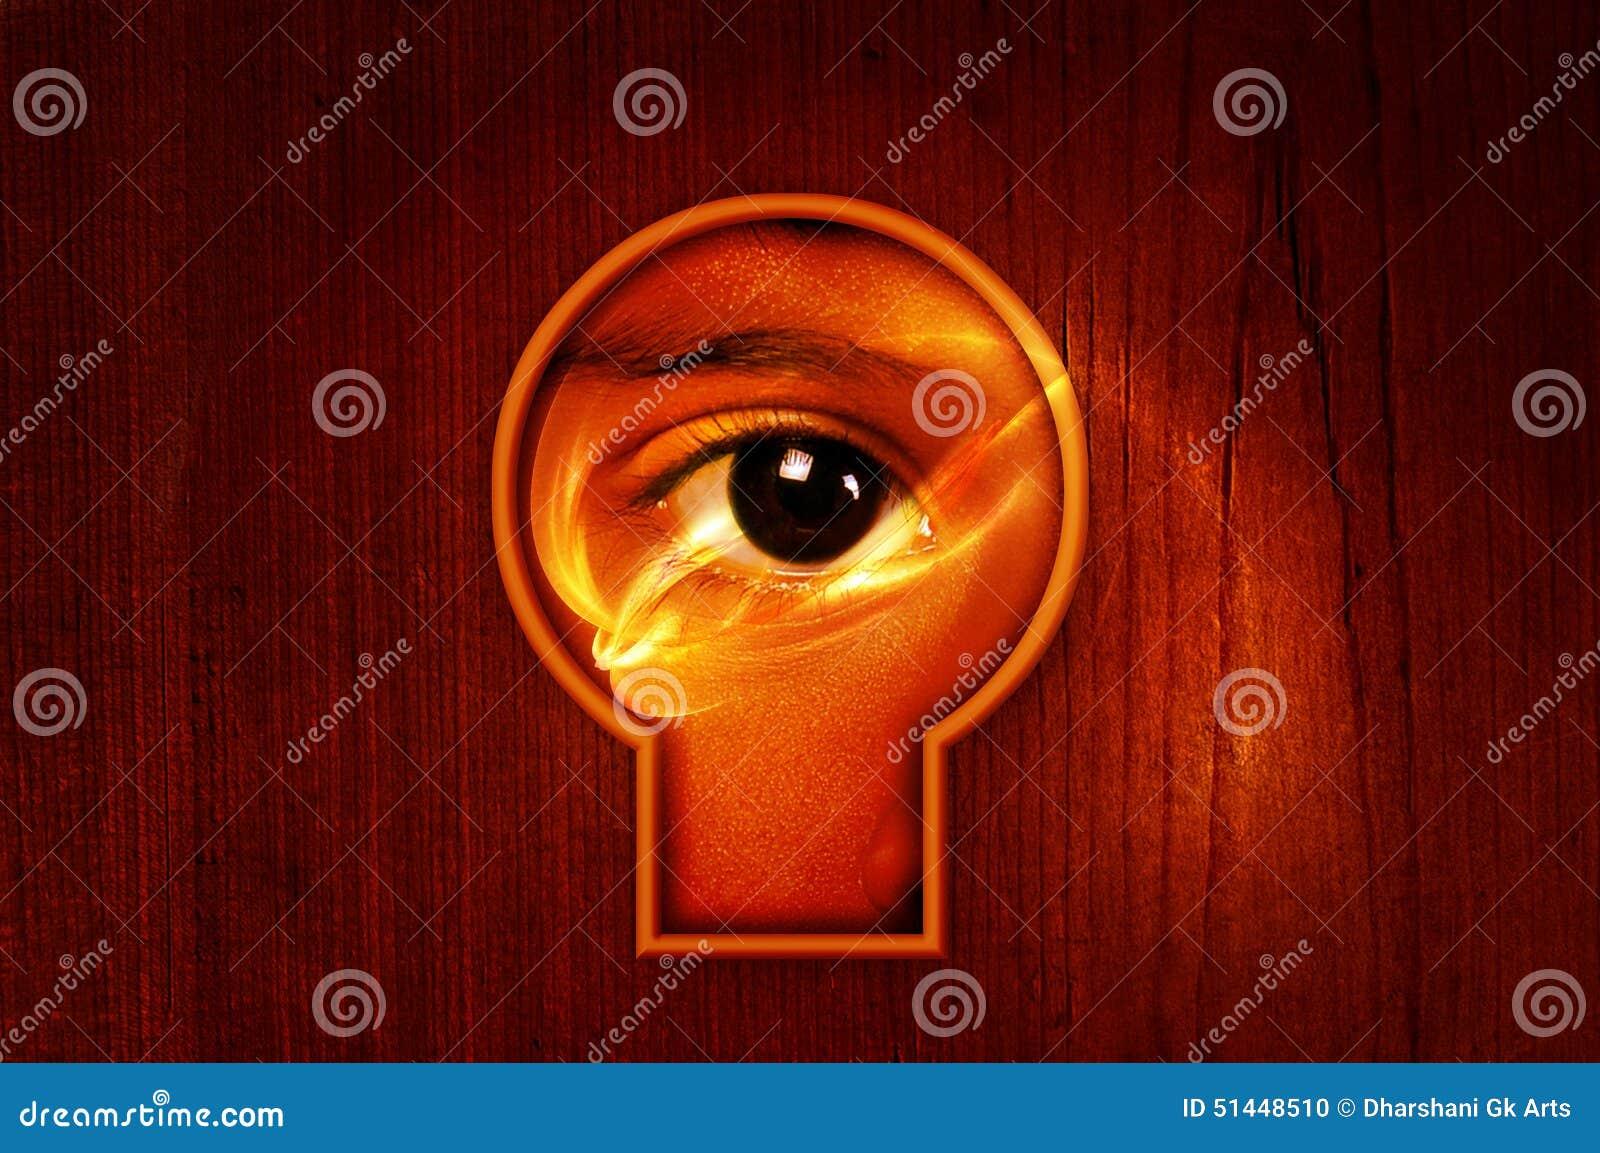 Władzy oka keyhole